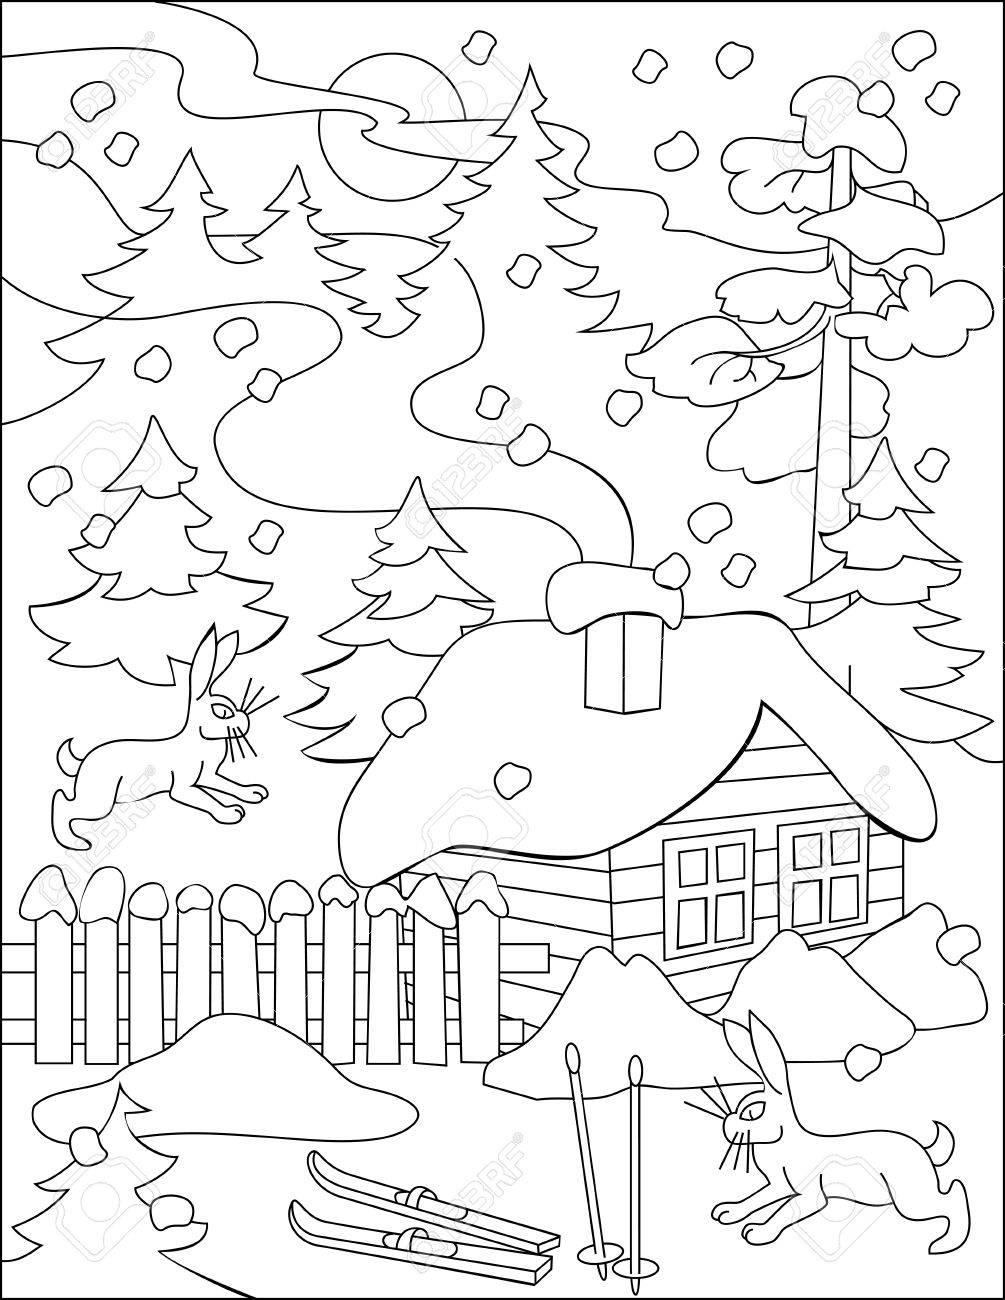 Página Con El Dibujo Blanco Y Negro Del Invierno Para Colorear